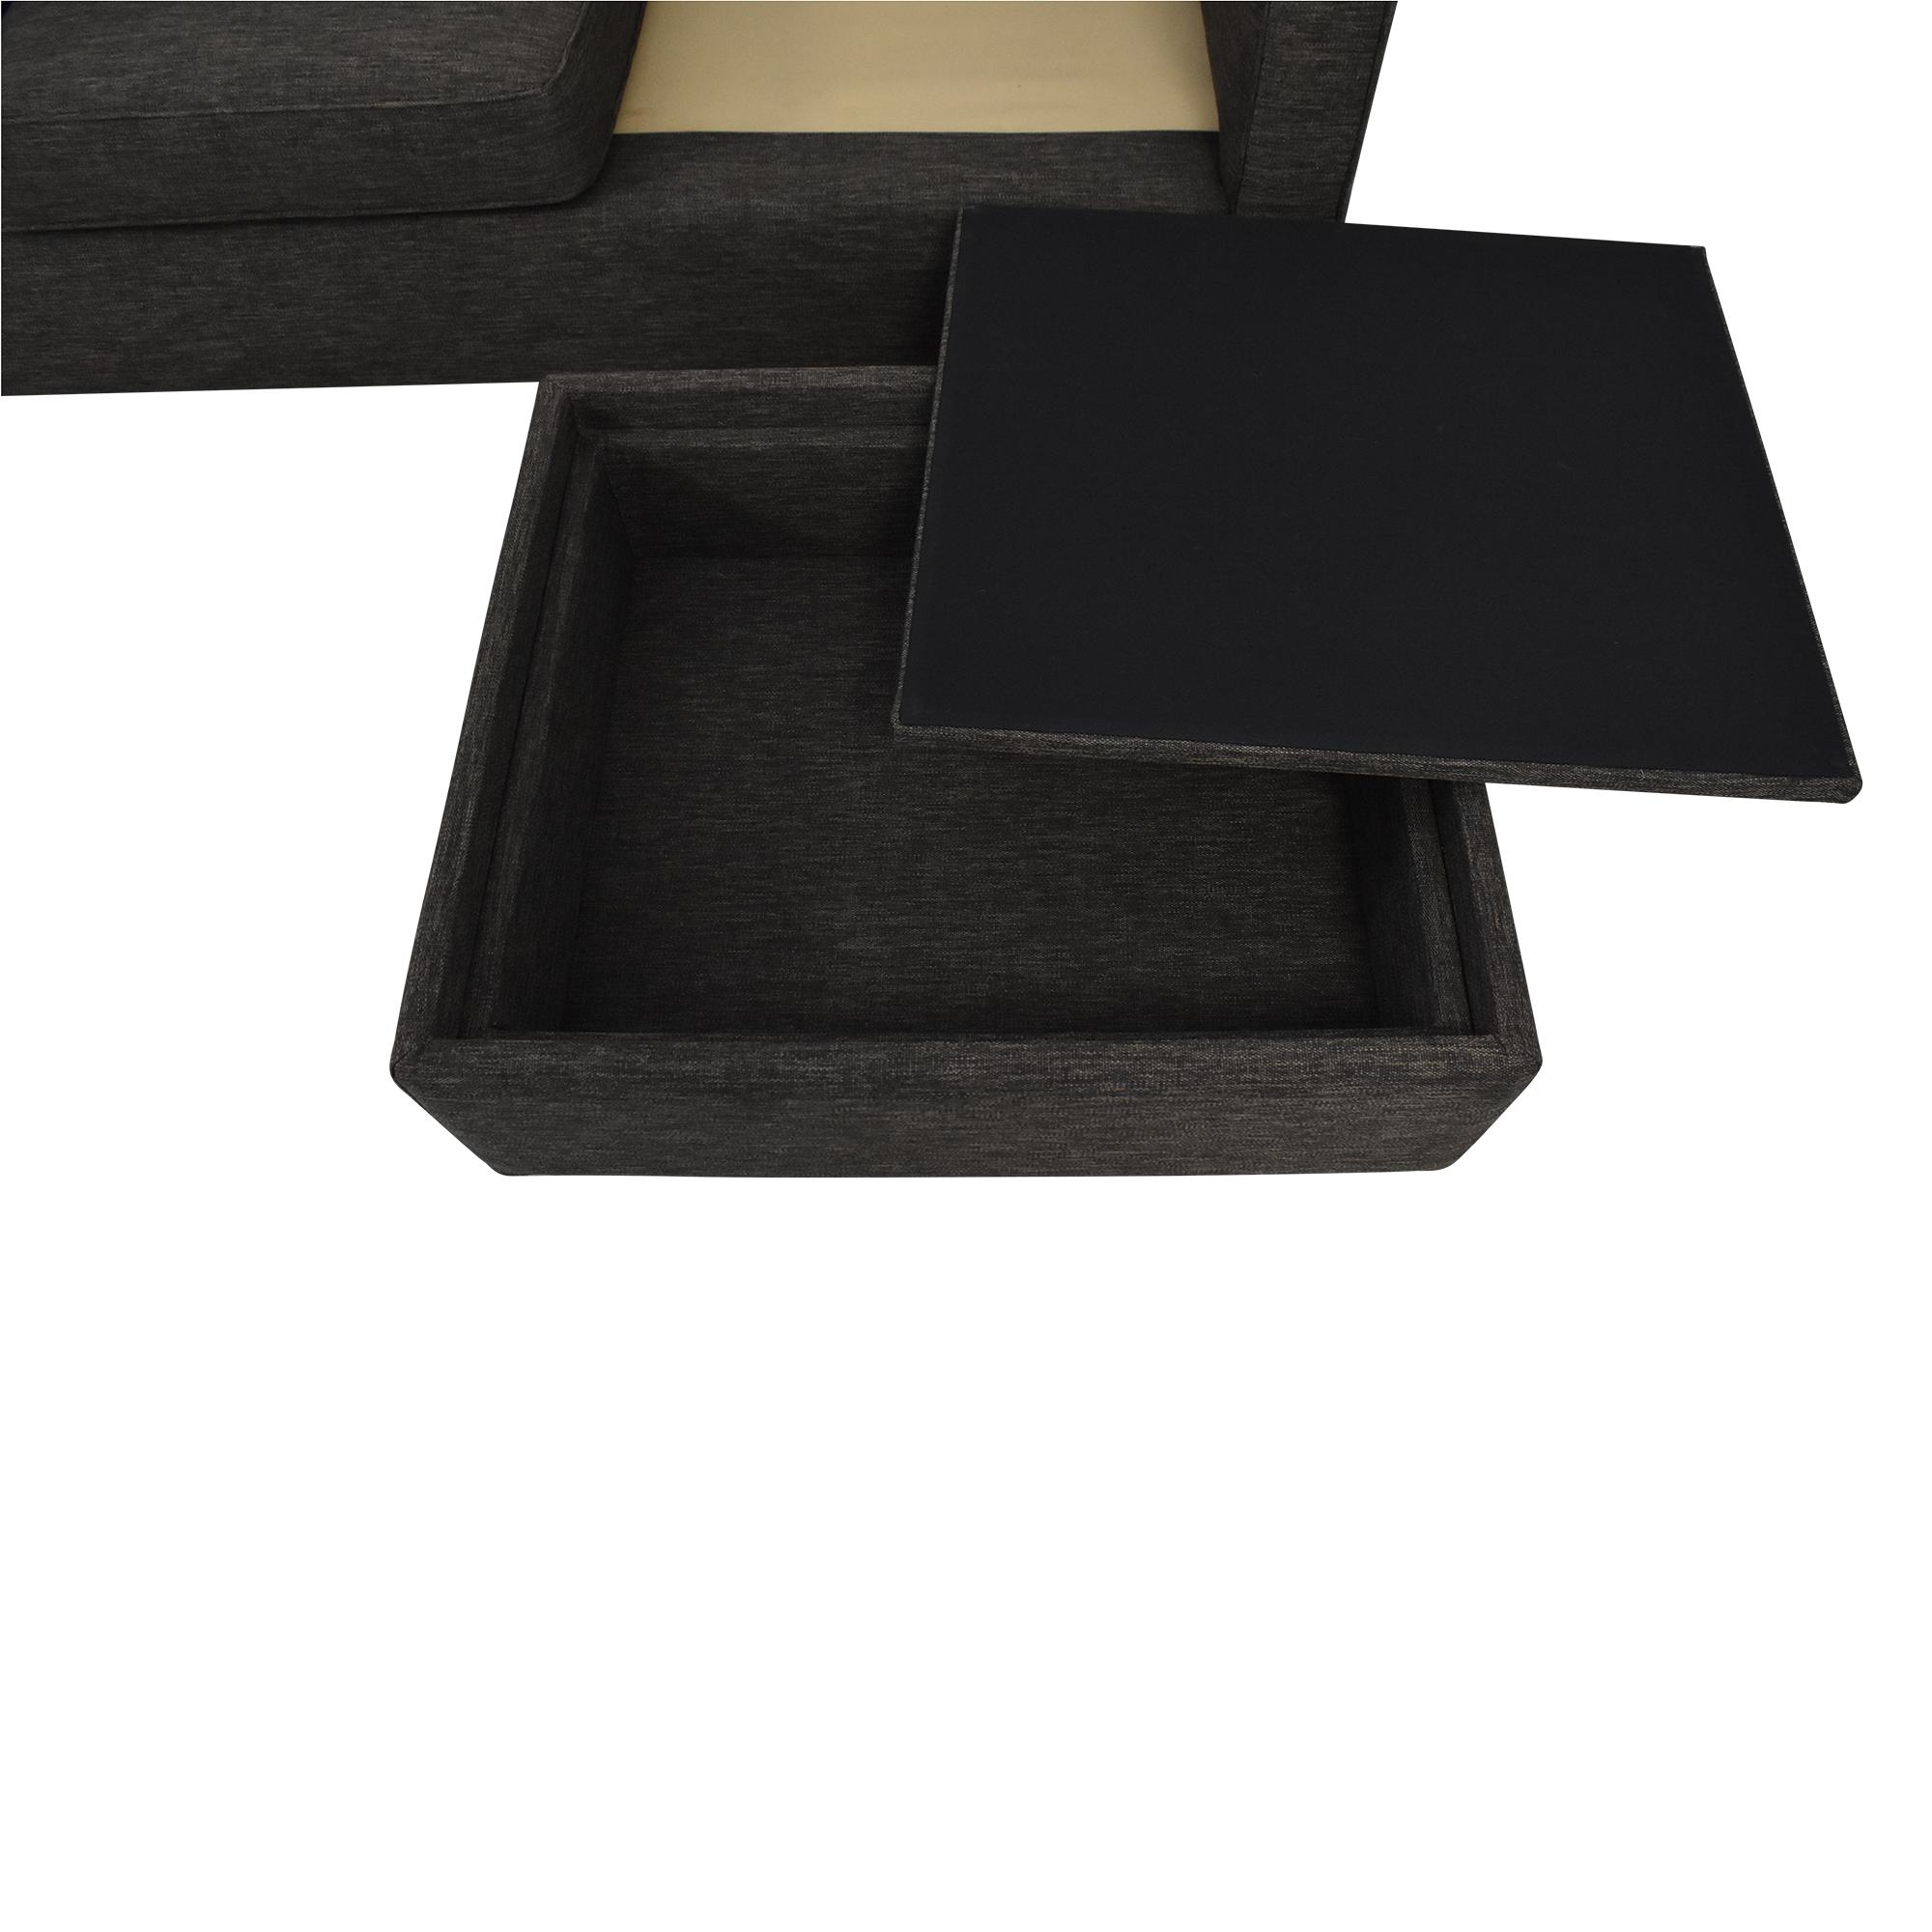 Crate & Barrel Crate & Barrel Davis Sectional Sofa second hand